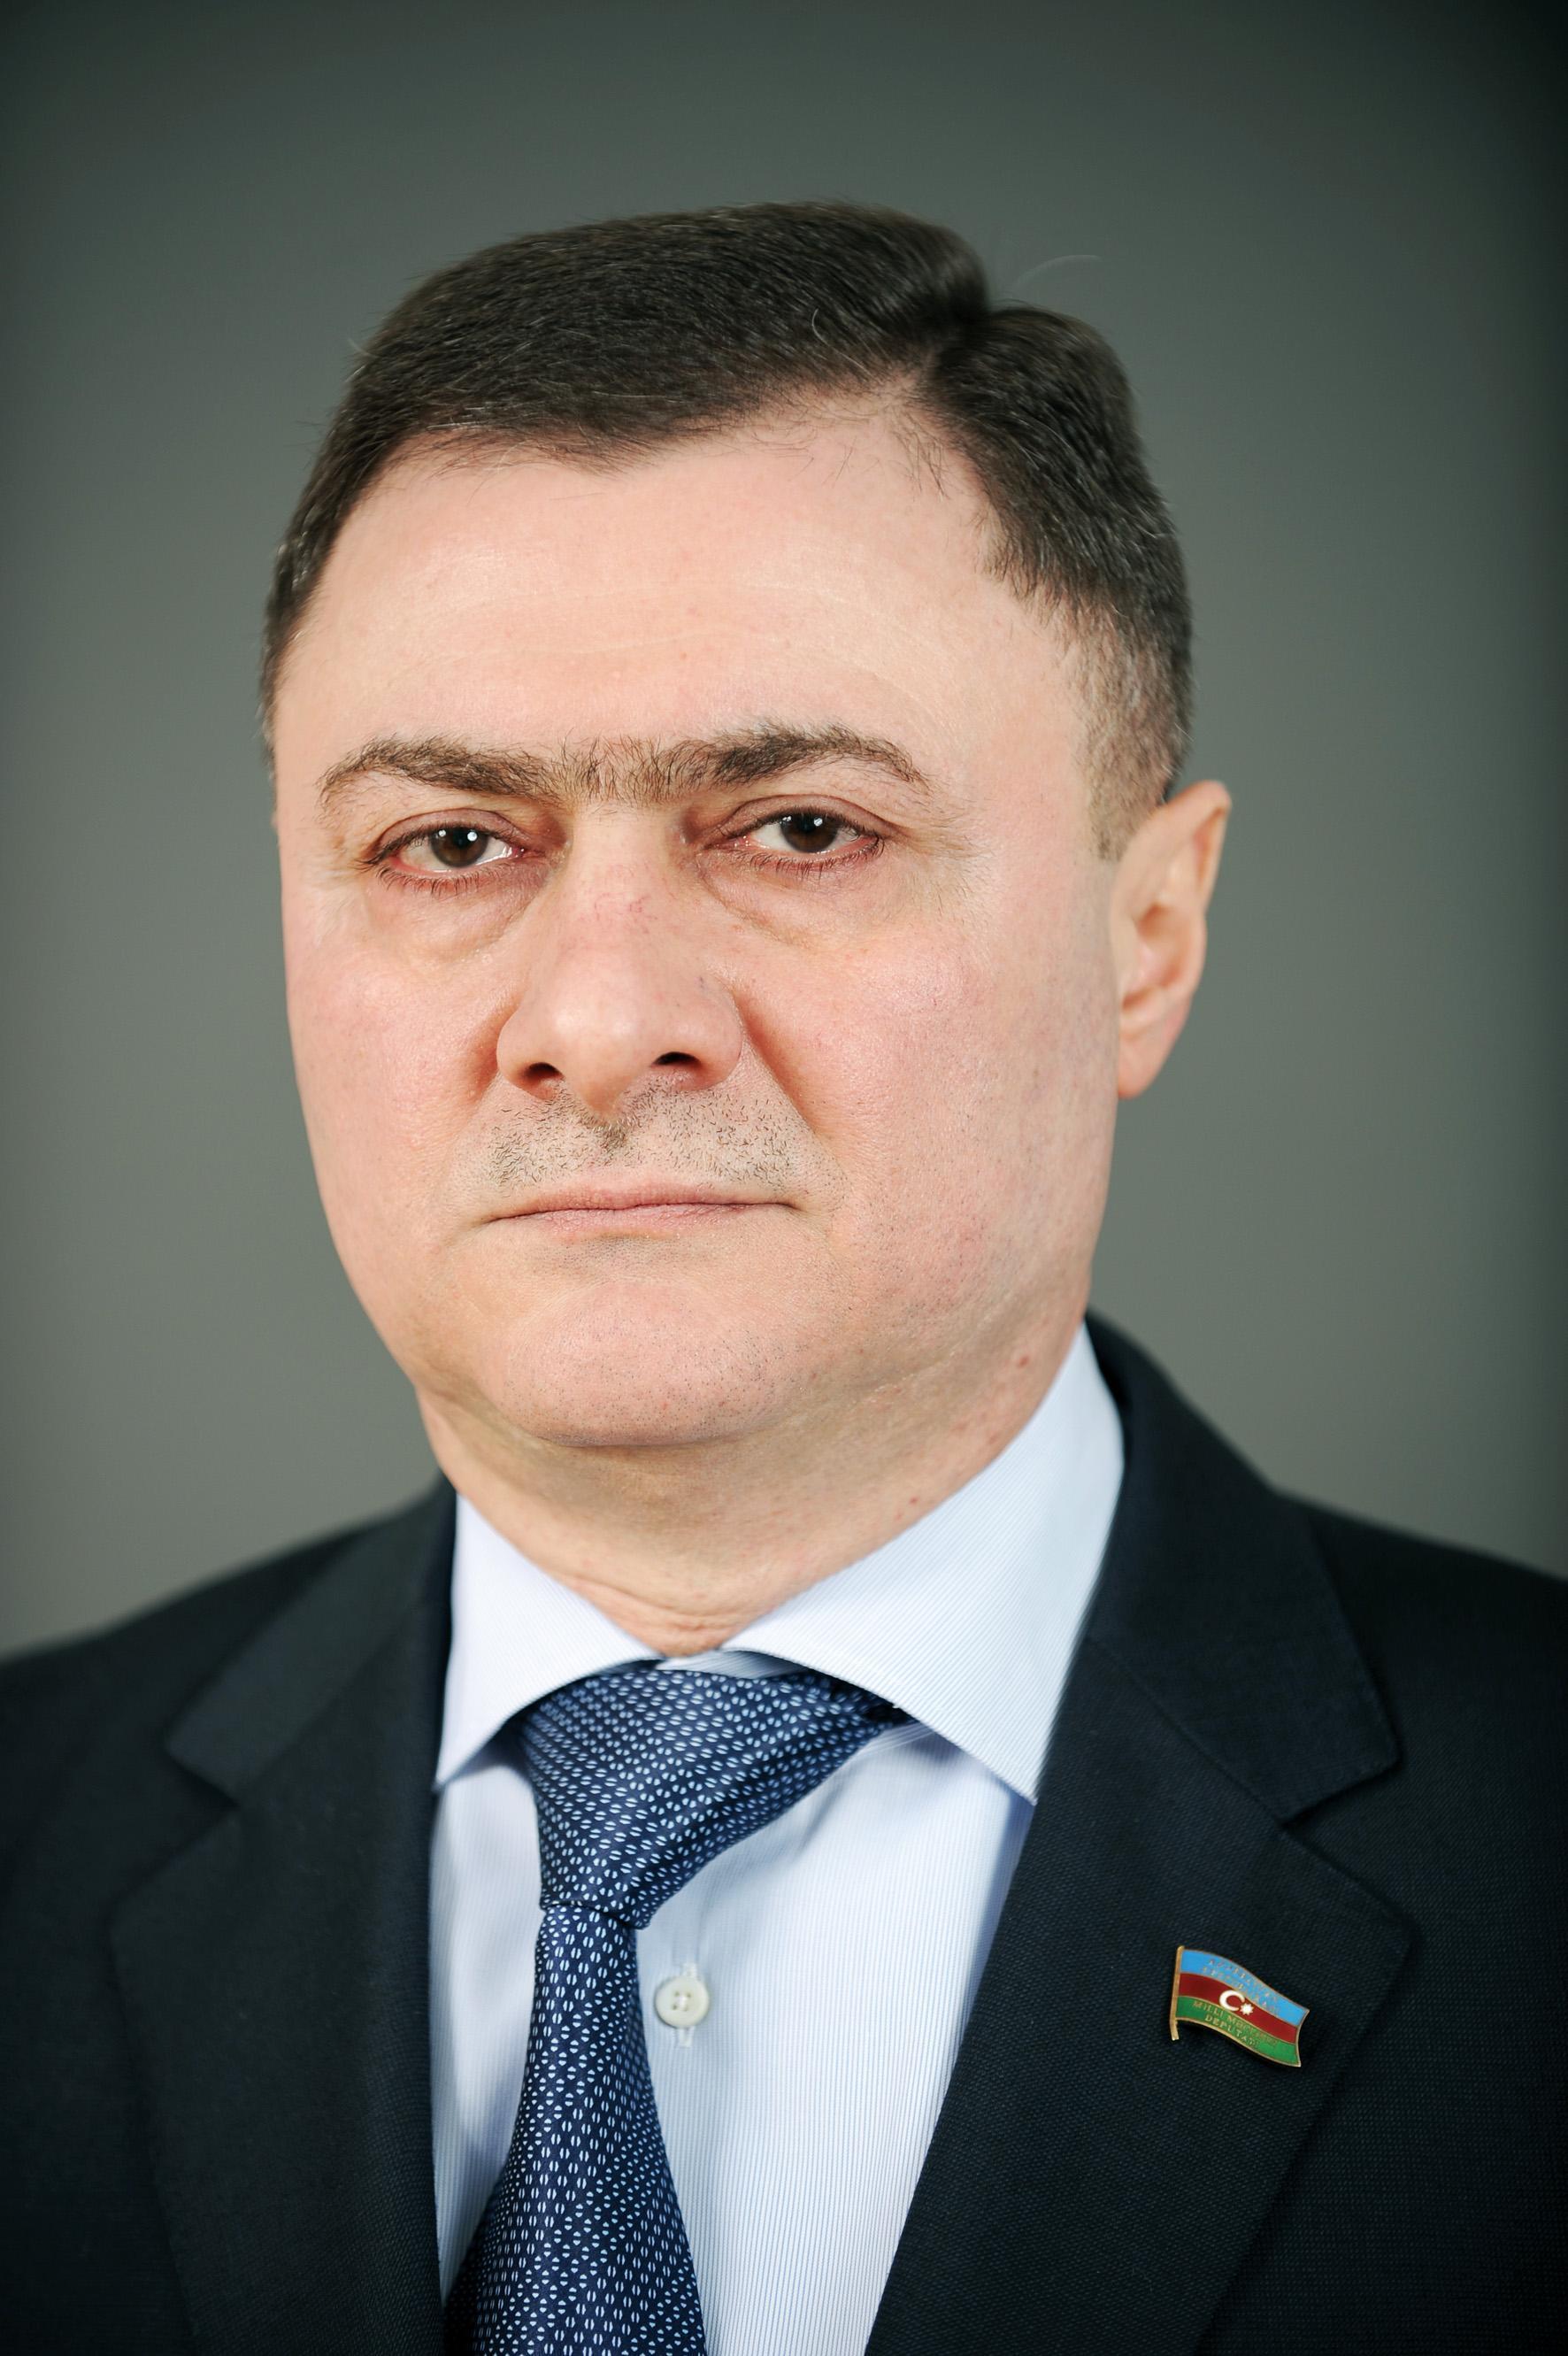 Azər Kərimli Avronest PA-nın diqqətini Ermənistanın təxribatına yönəldib